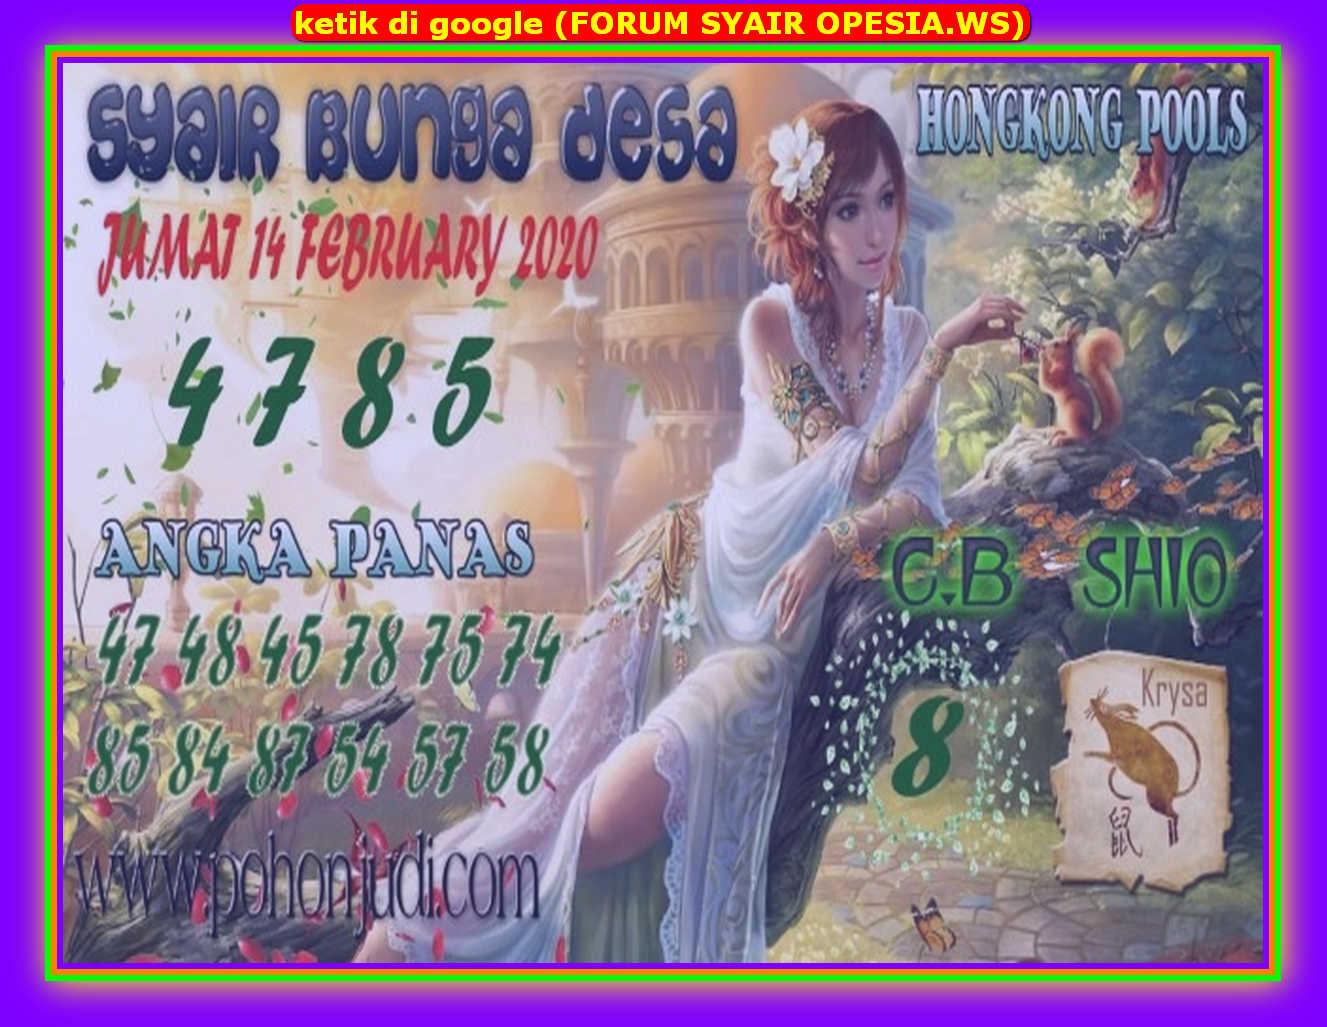 Kode syair Hongkong Jumat 14 Februari 2020 139